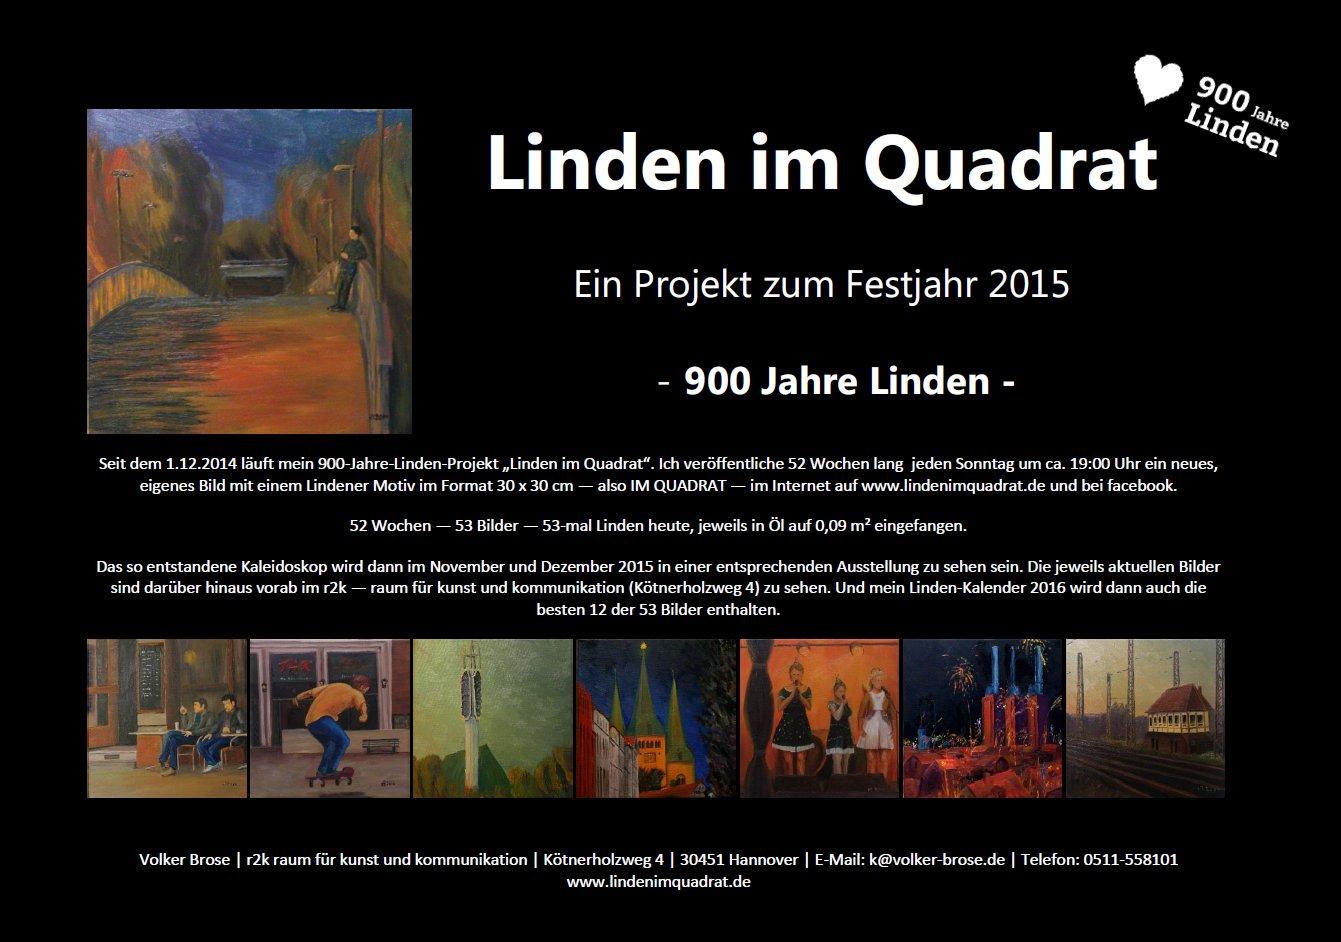 Linden im Quadrat